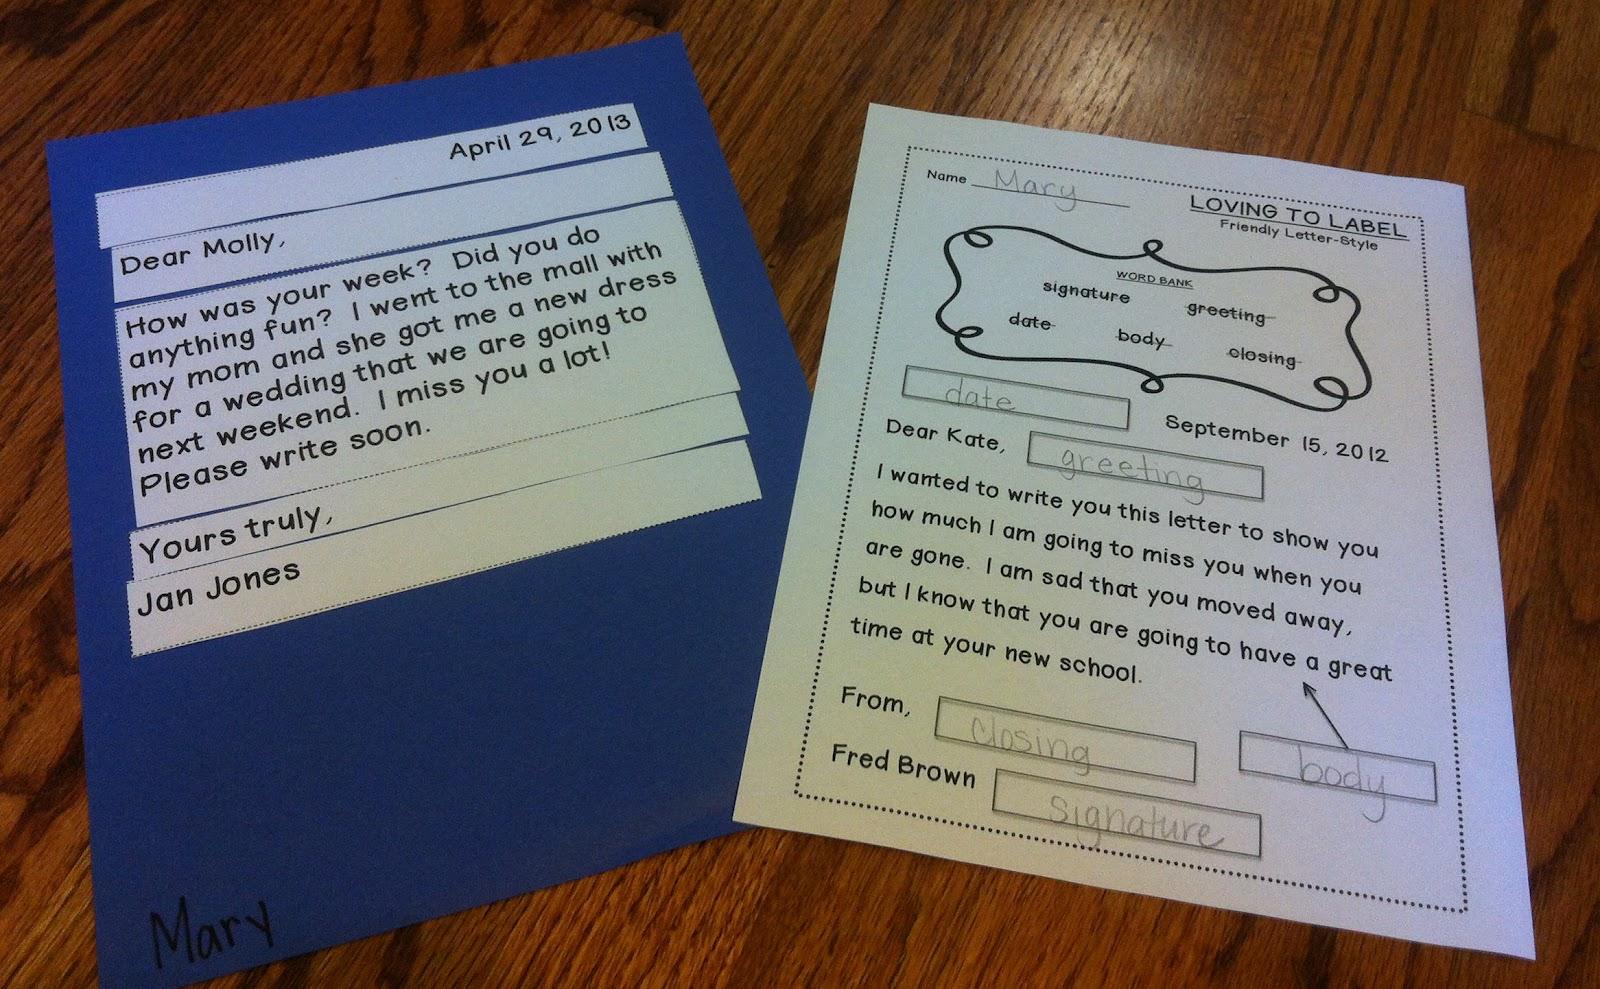 pen+pal+1 Pen Pal Letter Template Elementary on pen pal letter print, pen pal question sheets, pen pal letter ideas, pen pal letter form,